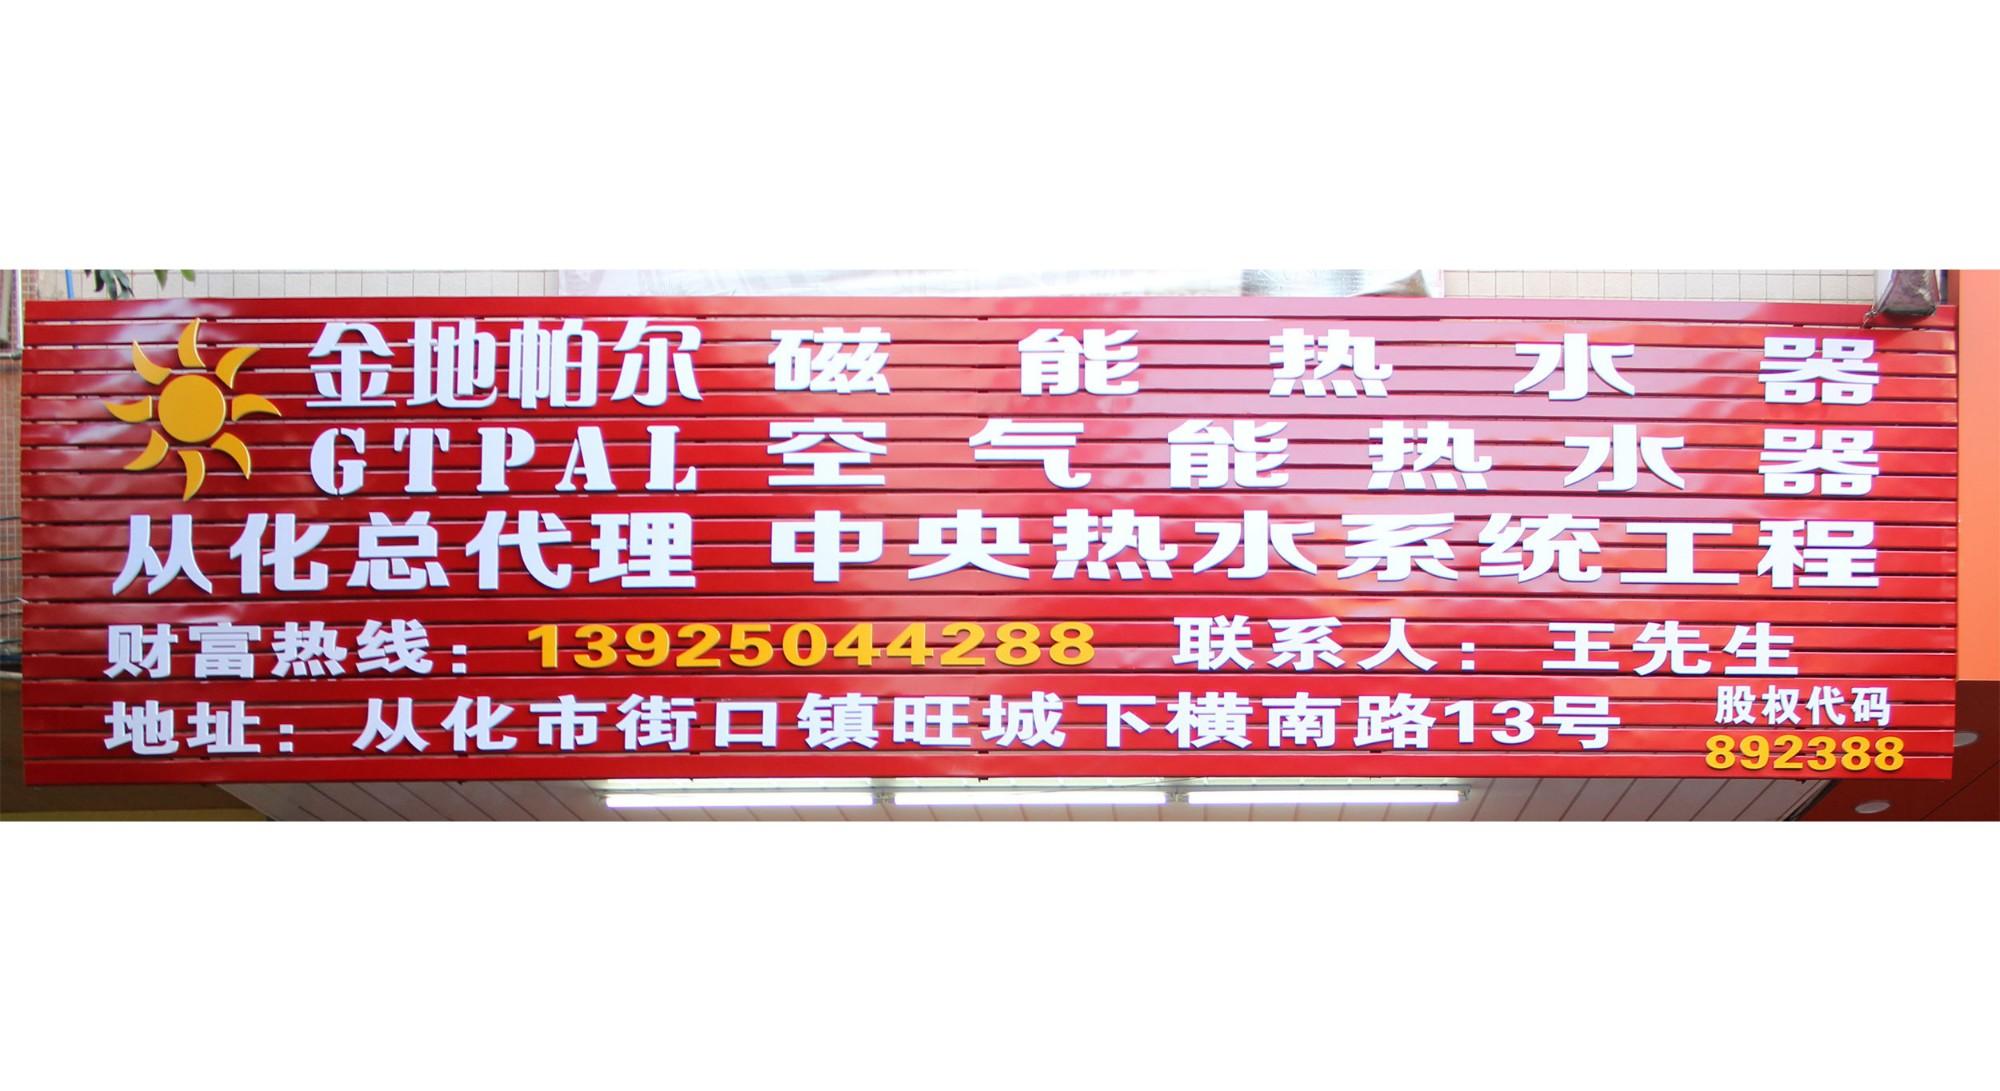 【粤宇资讯】热烈庆祝金地帕尔从化专卖店盛大开业